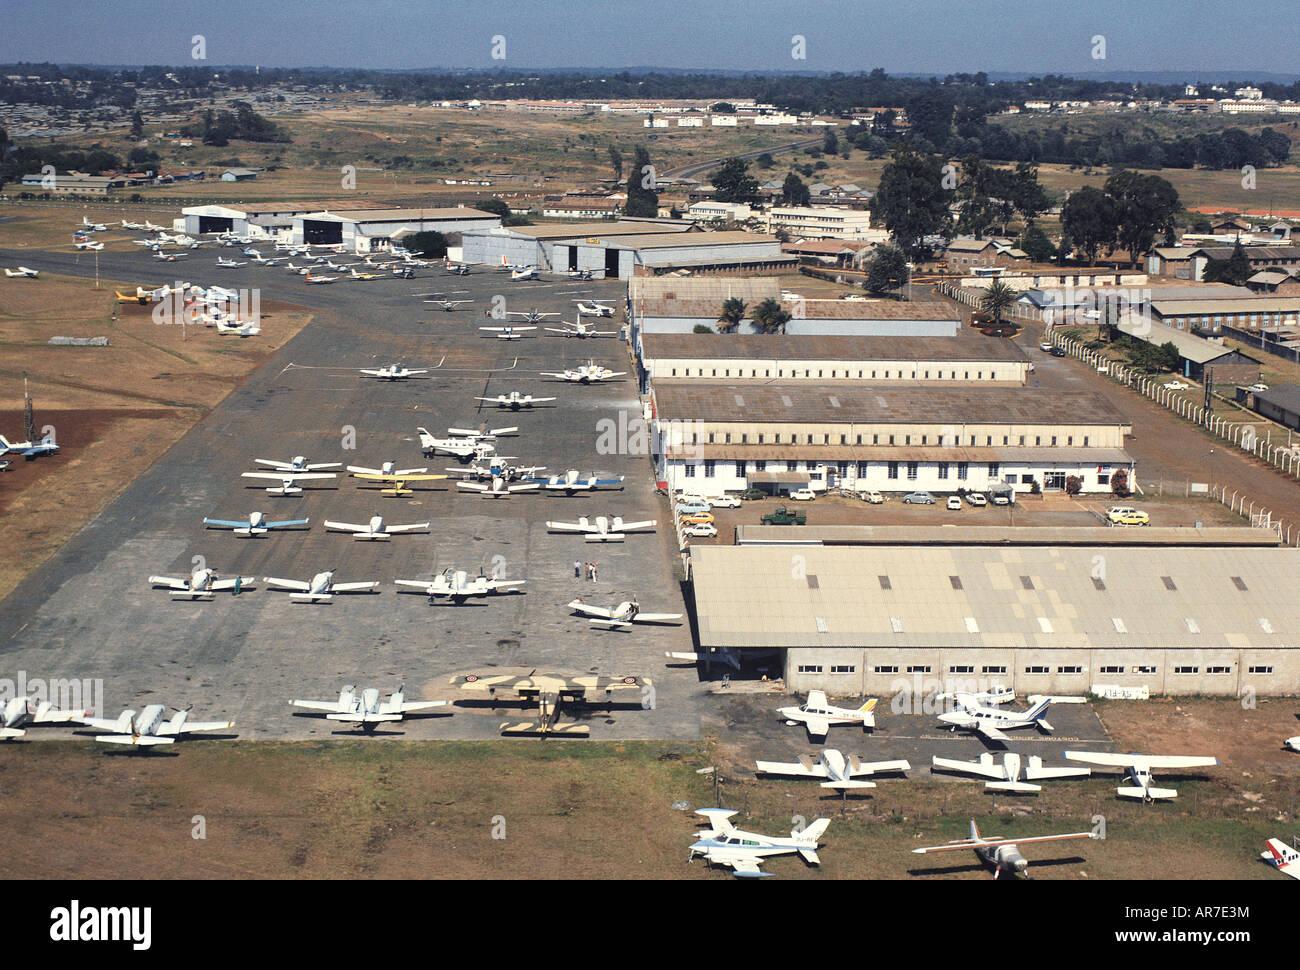 Aeroporto Kenya : Vista aerea dellaeroporto wilson di nairobi kenya africa orientale